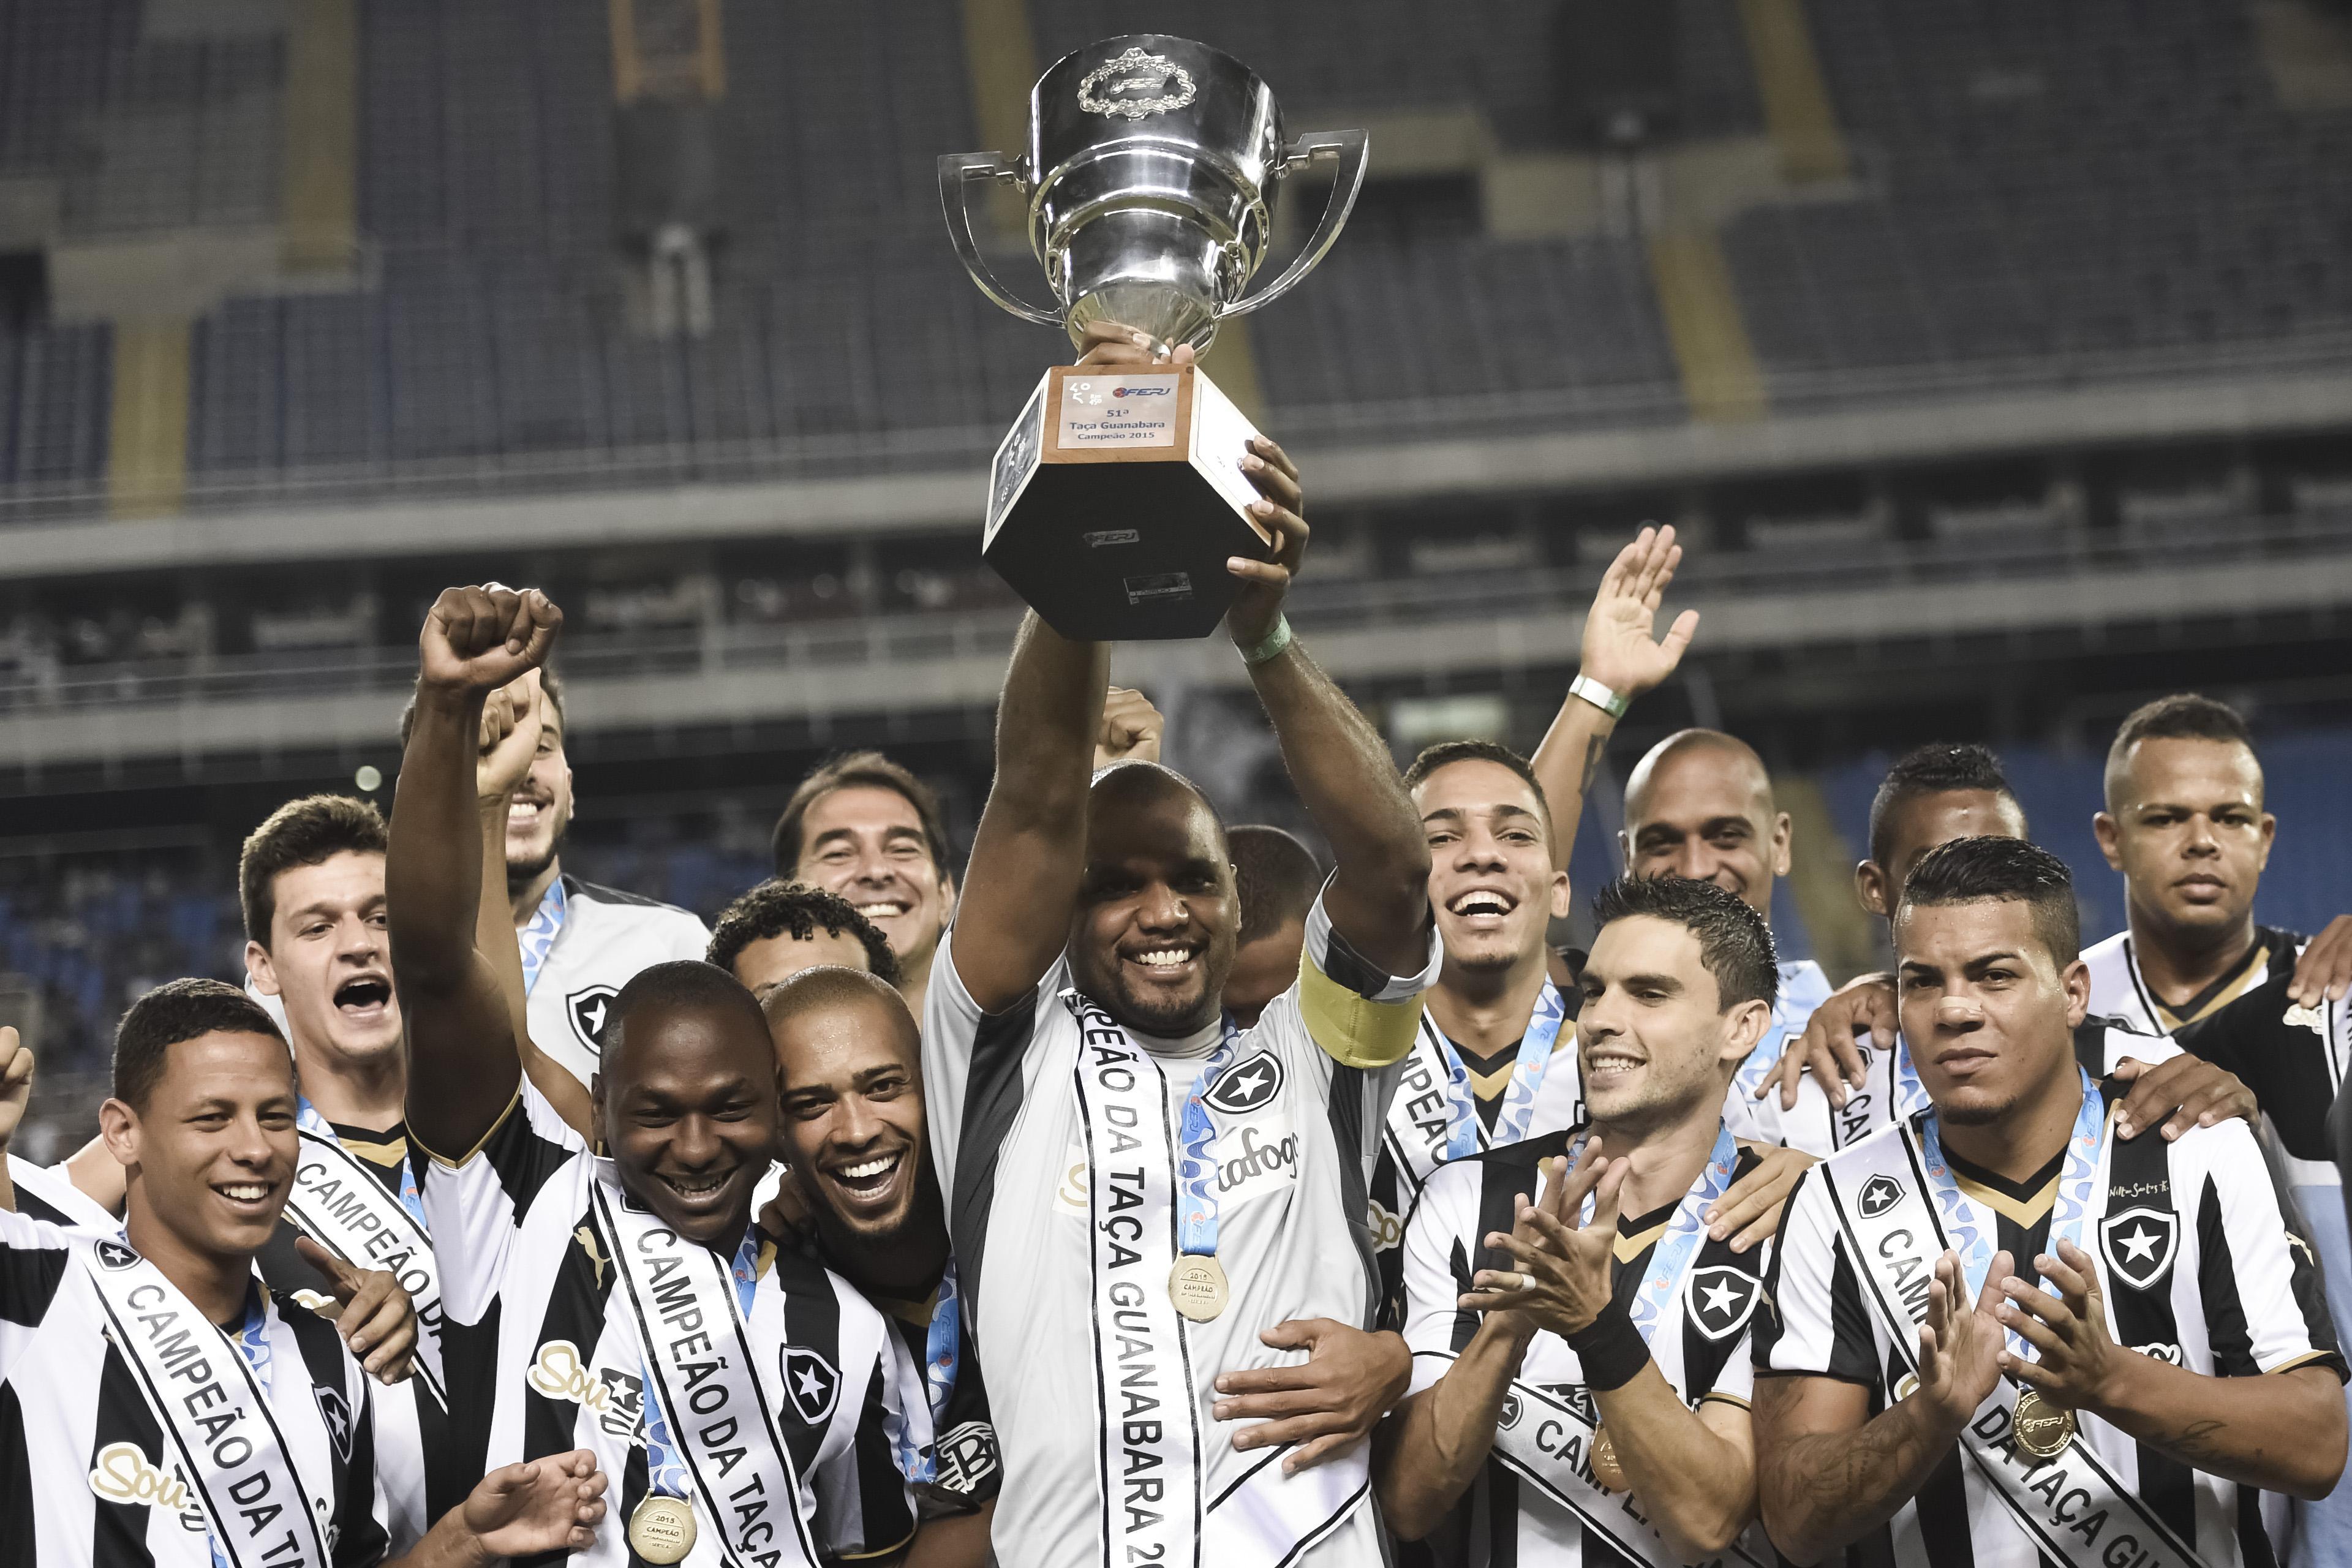 Antes do jogo, os jgadores do Botafogo levantaram a Taça Guanabara